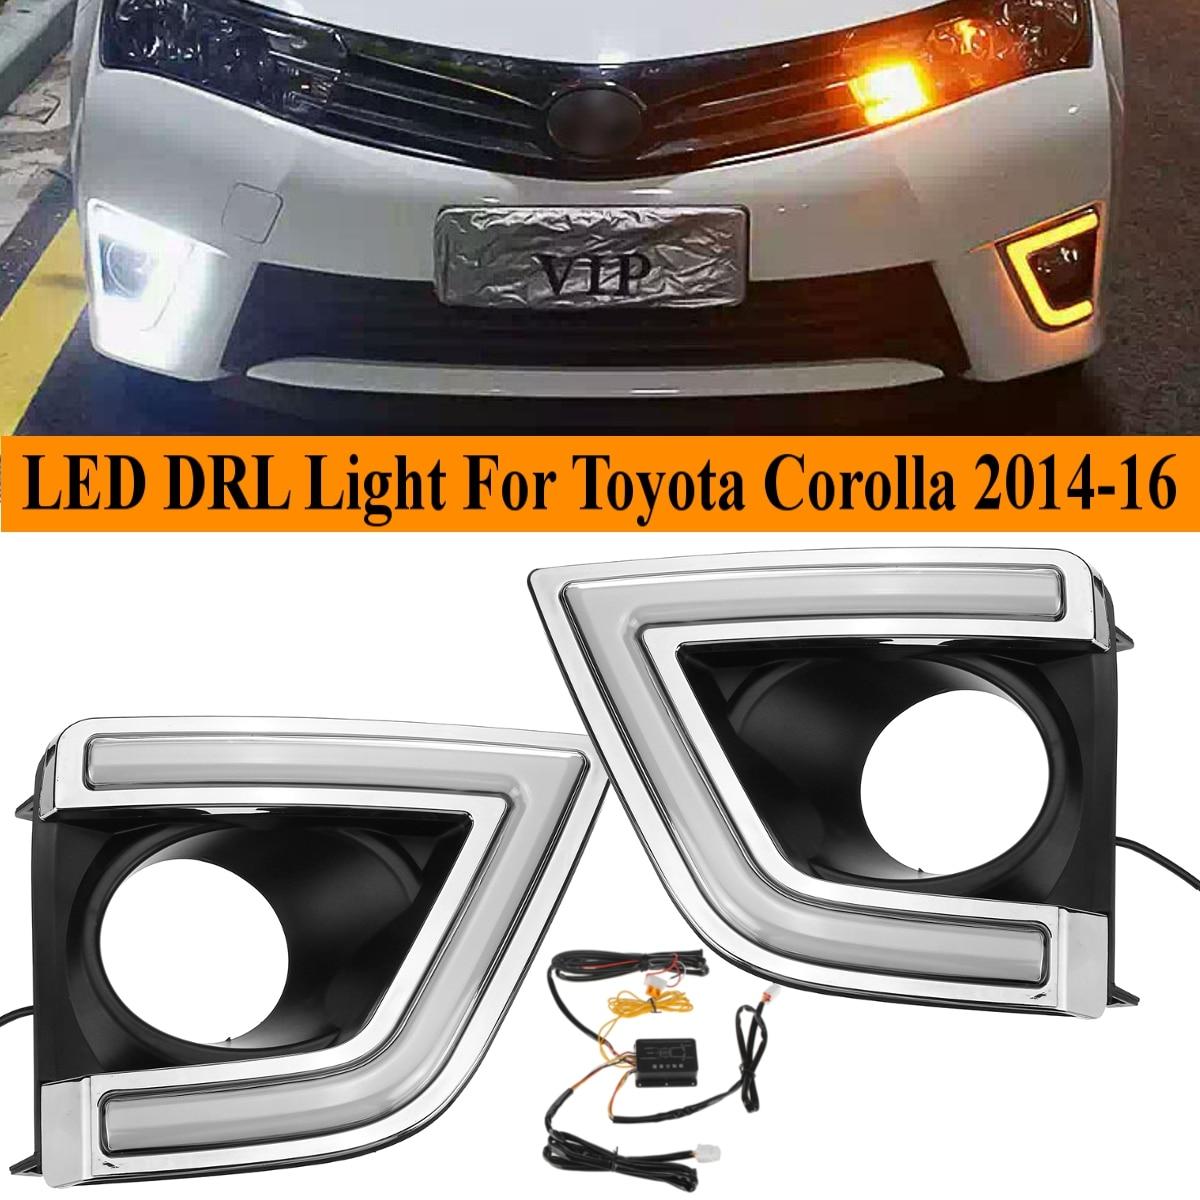 자동차 led drl for toyota corolla 2014 2015 2016 화이트 옐로우 주간 러닝 라이트 drl 운전 안개 램프 깜박임 액세서리 커버